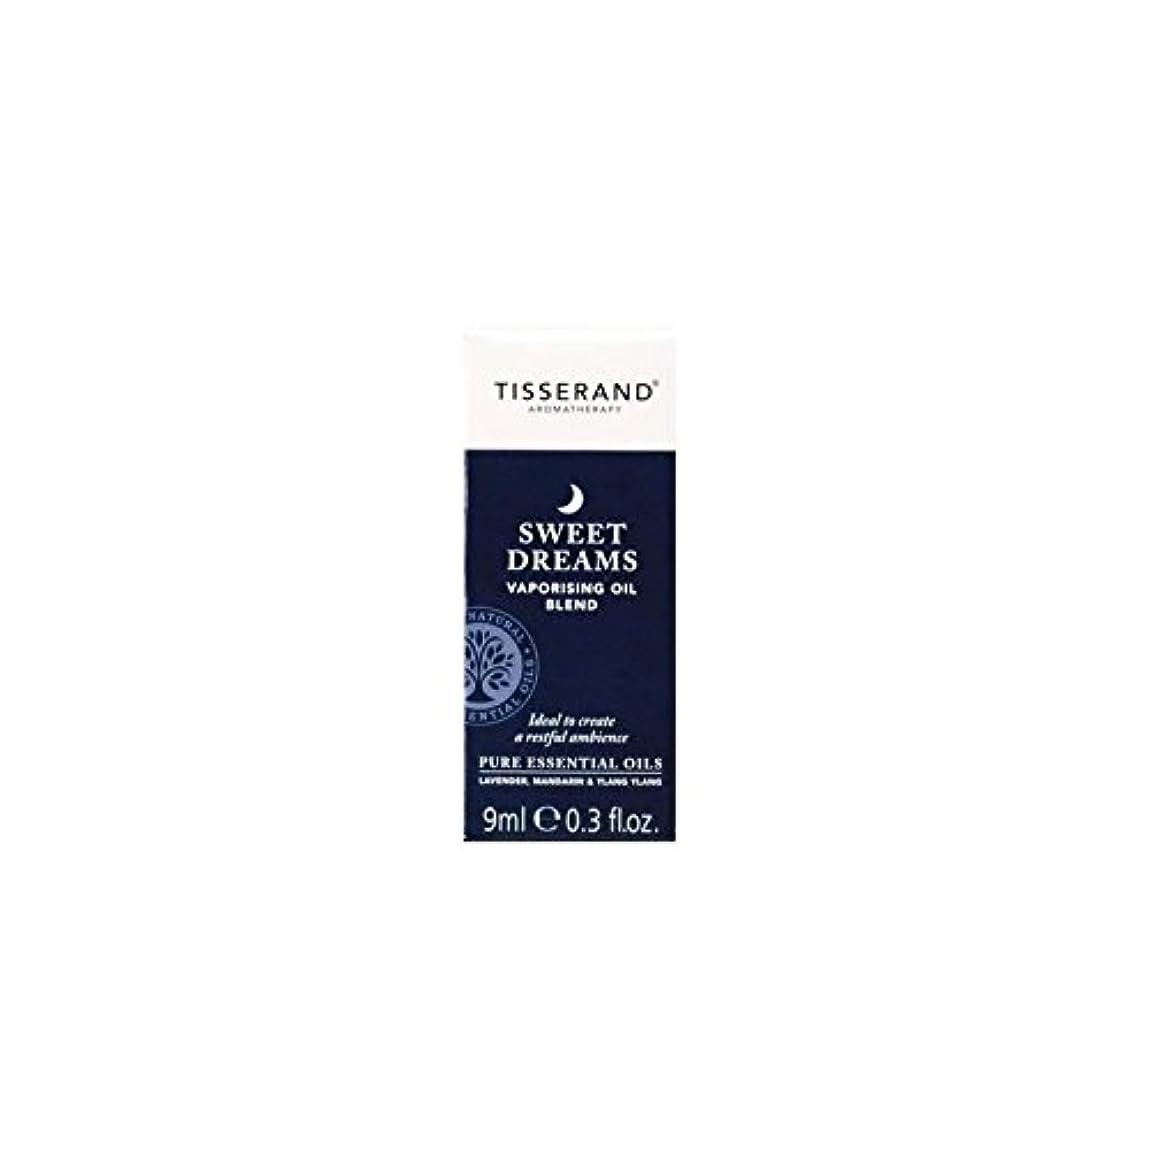 運命アレルギー宿るオイル9ミリリットルを気化甘い夢 (Tisserand) (x 4) - Tisserand Sweet Dreams Vaporising Oil 9ml (Pack of 4) [並行輸入品]